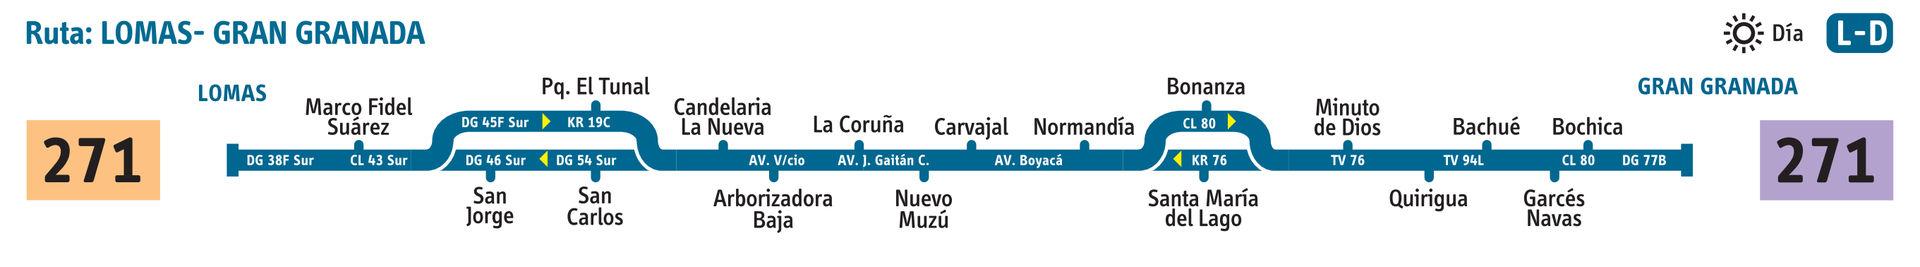 Ruta SITP: 271 Lomas ↔ Gran Granada [Urbana]